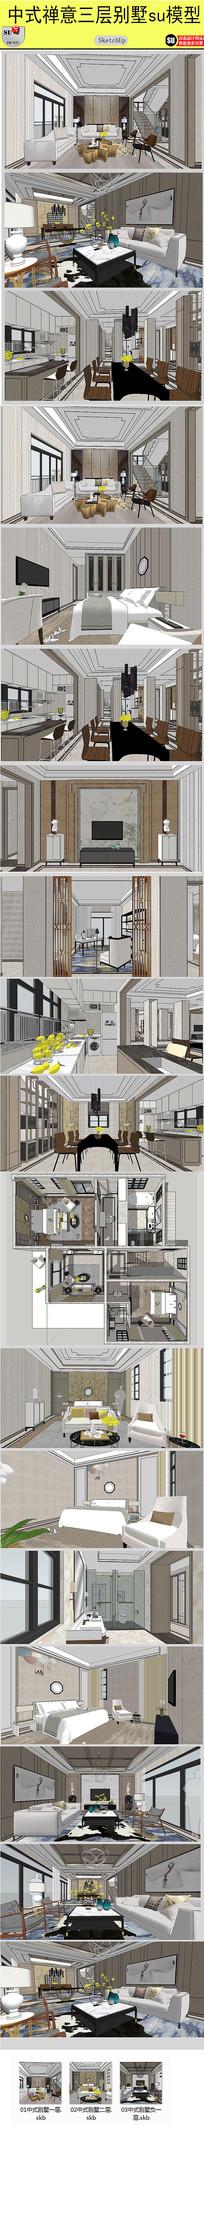 中式禅意别墅室内设计